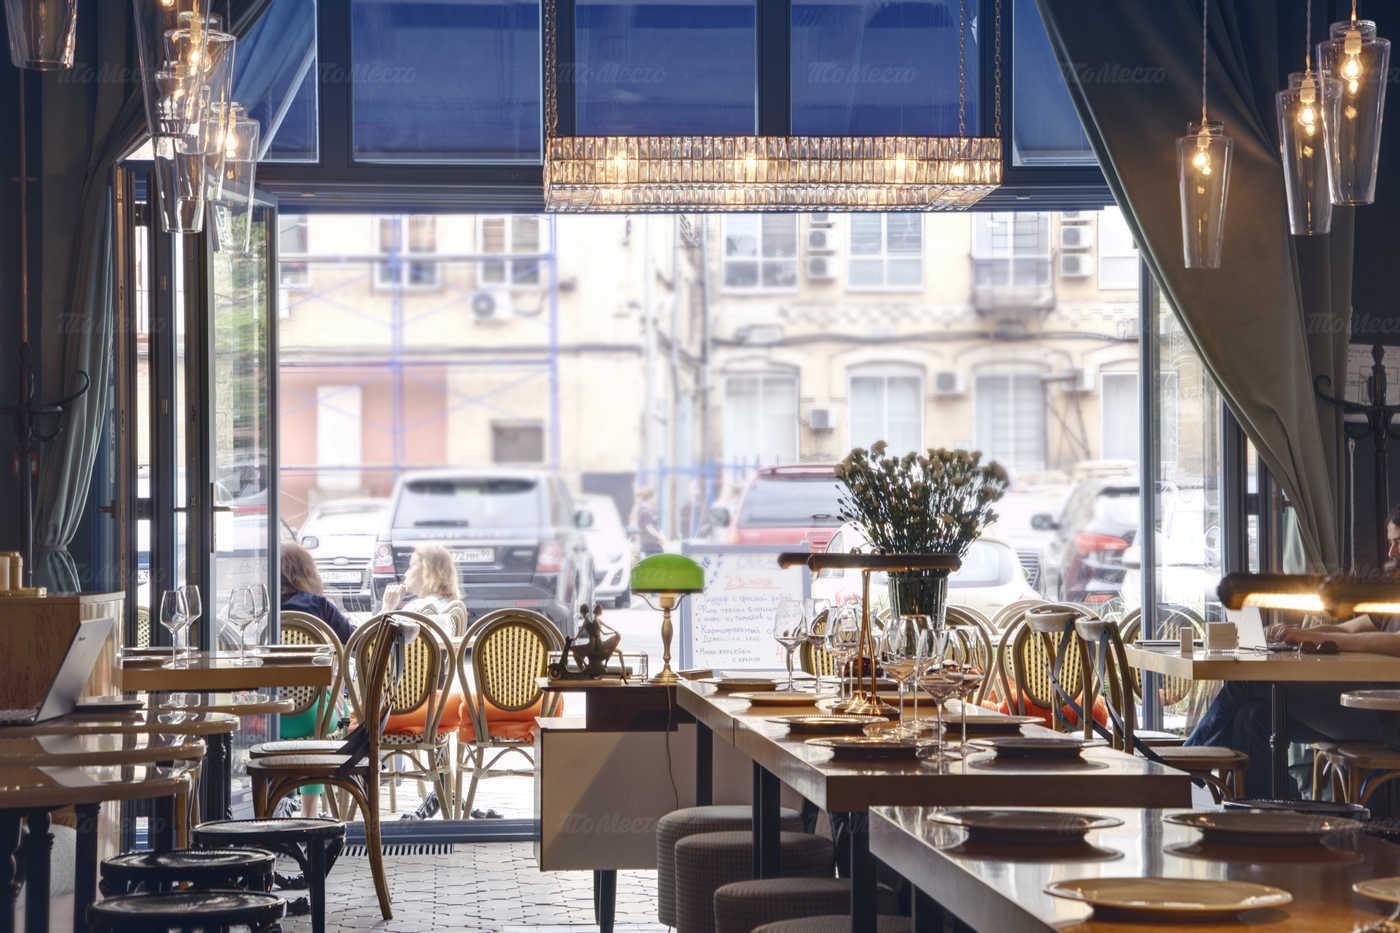 Кафе Canteen (Кантин) на Рочдельской улице фото 2